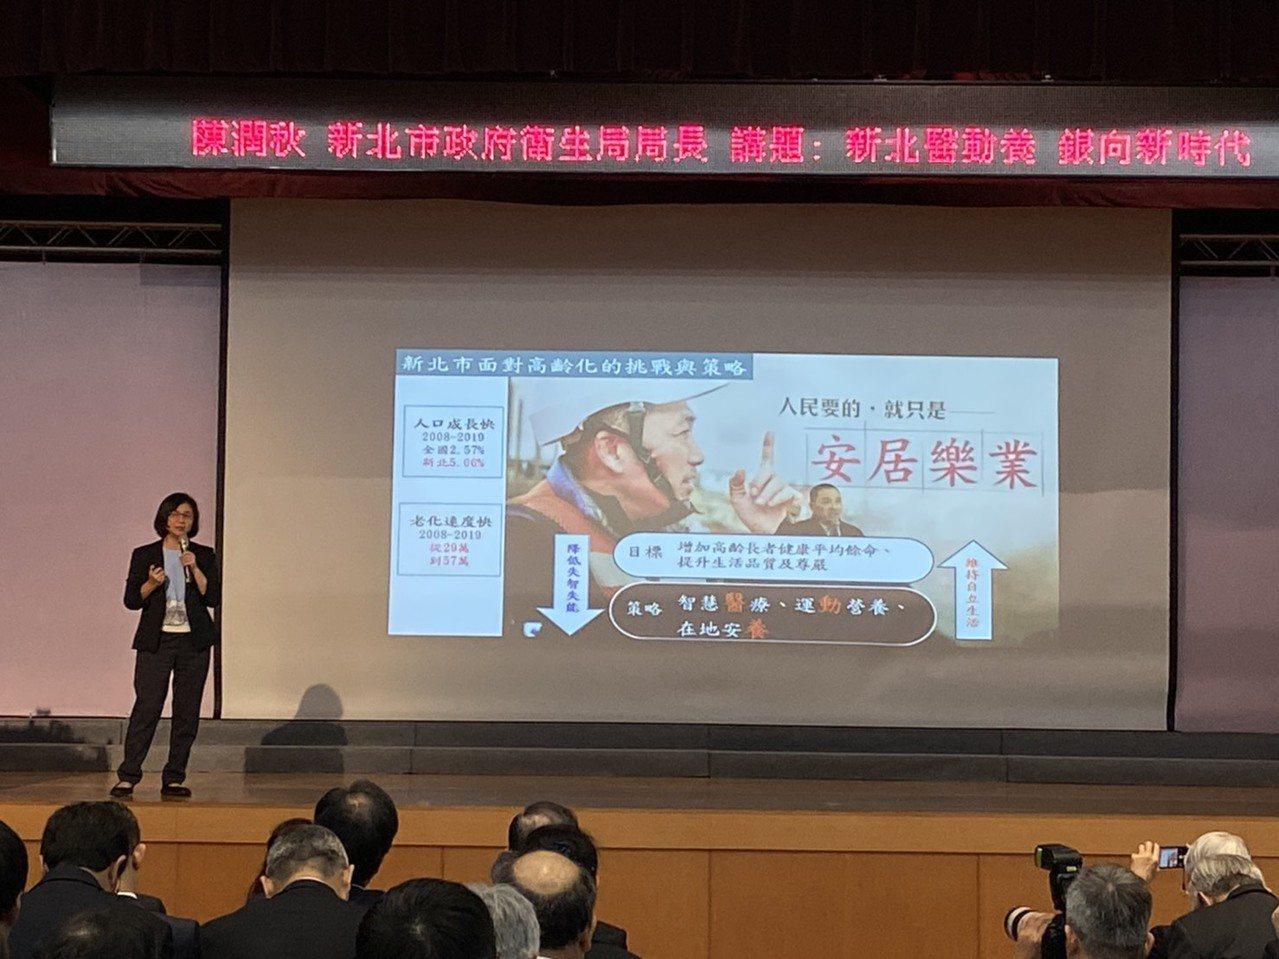 新北市衛生局長陳潤秋,則講述「新北醫動養、銀向新時代」主題。她說新北市對於長照採...